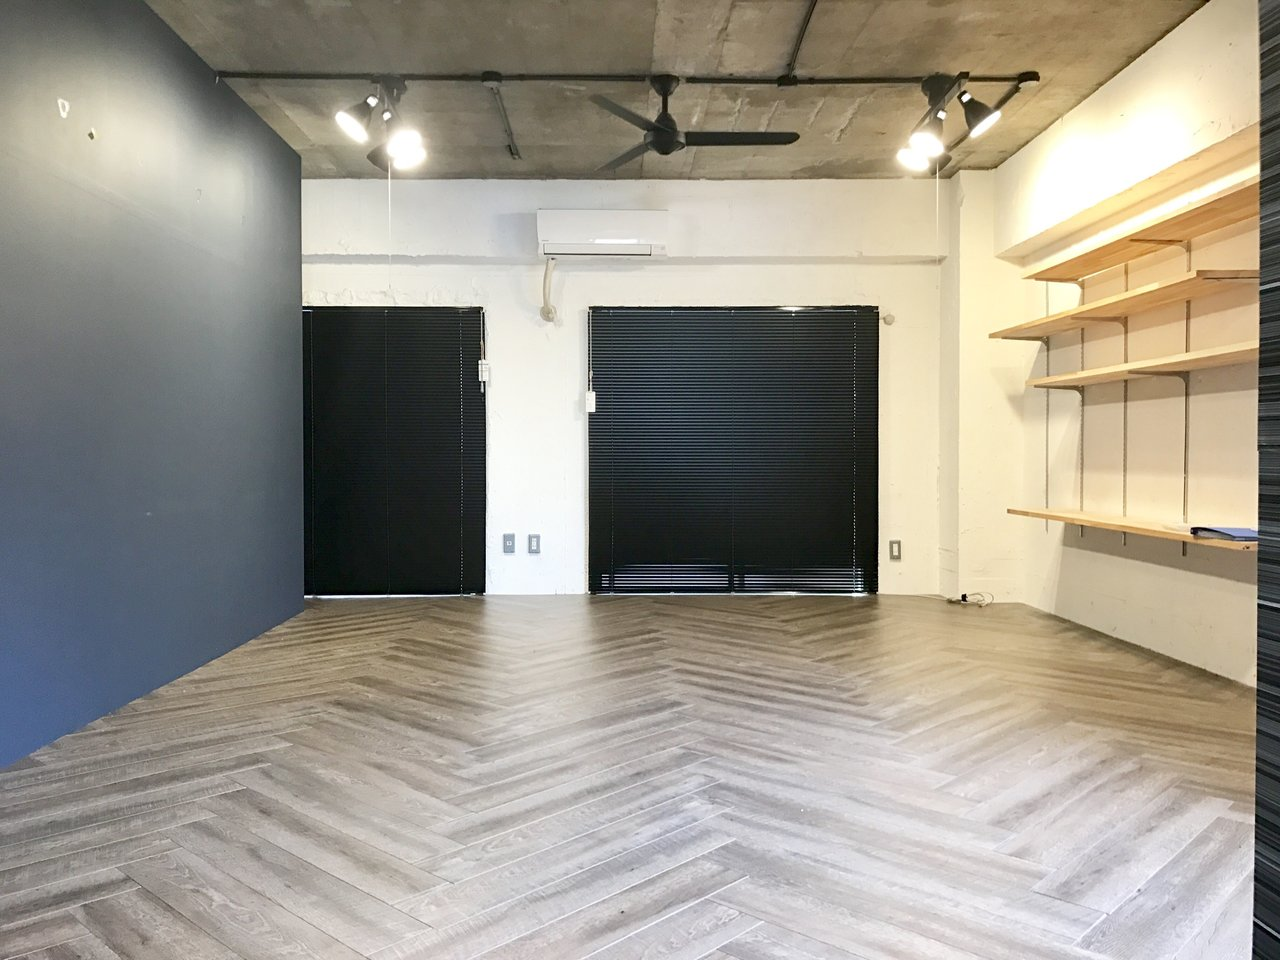 こちらは、70㎡超えで1LDKというちょっと贅沢な間取りの部屋です。